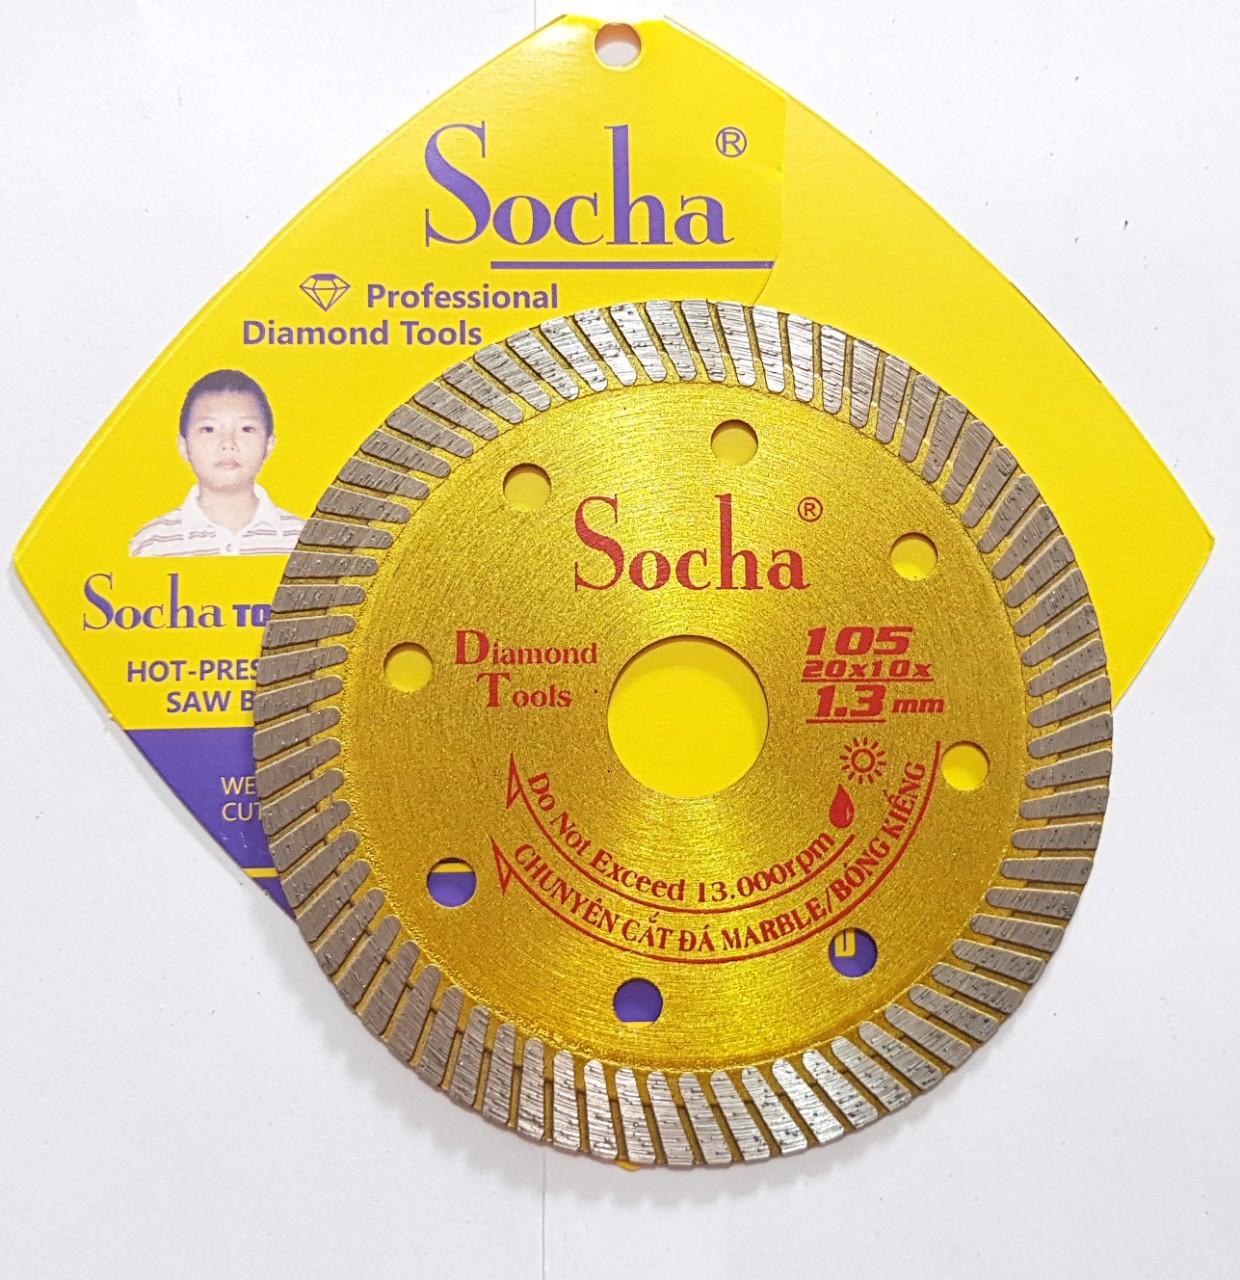 105 mm Lưỡi cắt gạch đa năng SOCHA